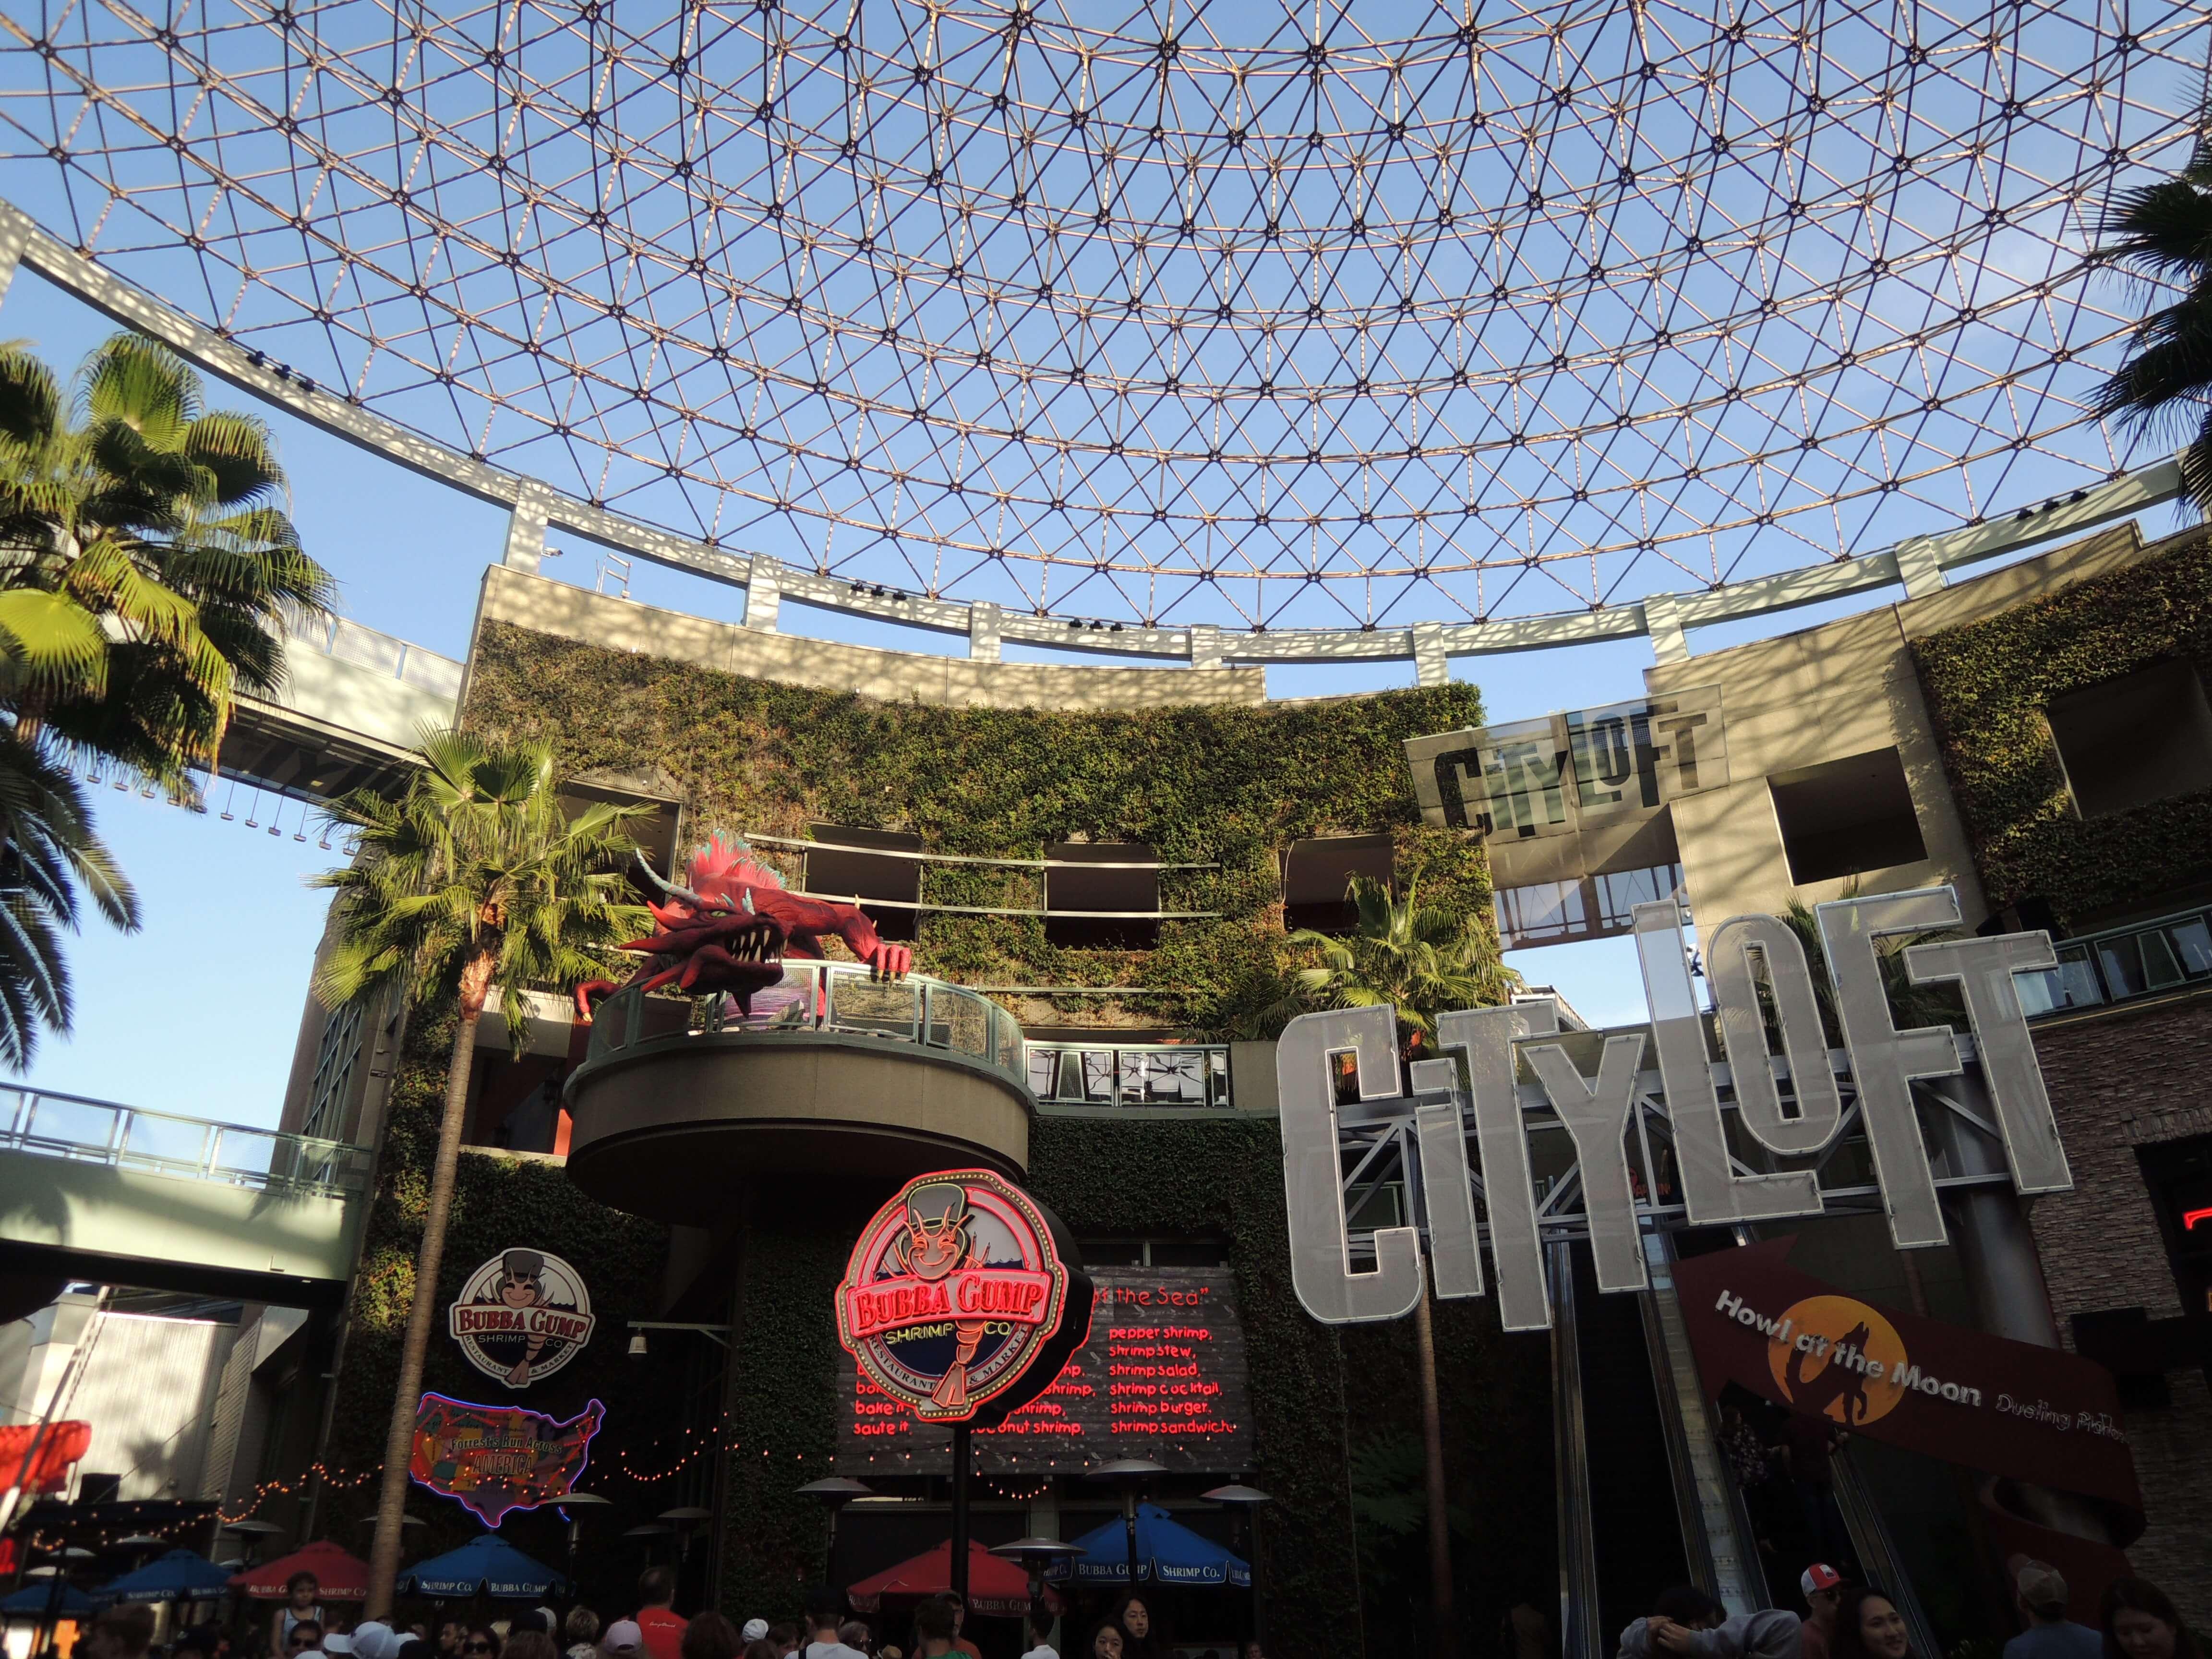 ⭐️ #CityWalk à Universal Studios d'Hollywood ! Sur Goodie Mood, le blog Feel Good d'une française expatriée à Los Angeles. #universalstudios #hollywood #californie #expat #LosAngeles #Attraction #Parc